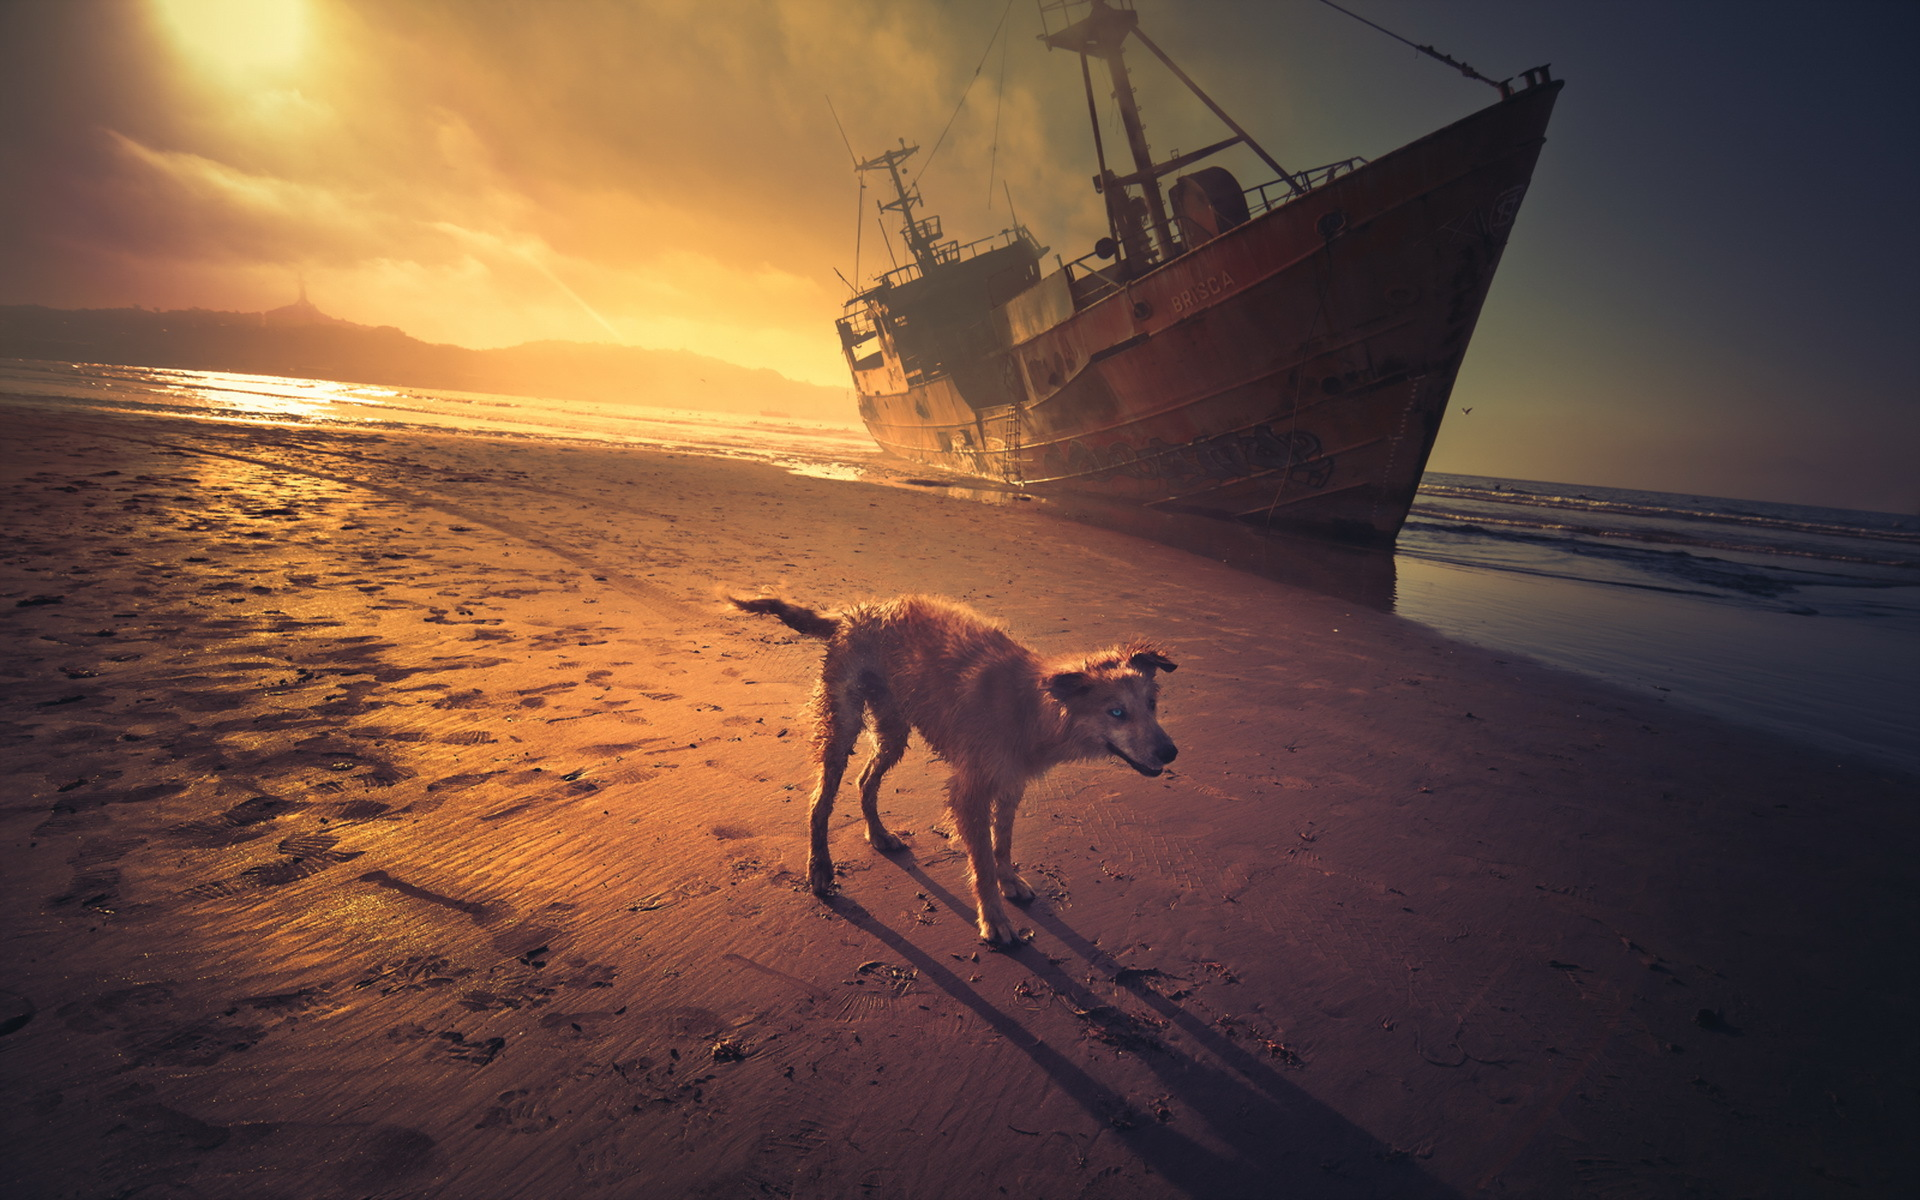 Собака на фоне заката  № 2038656 бесплатно